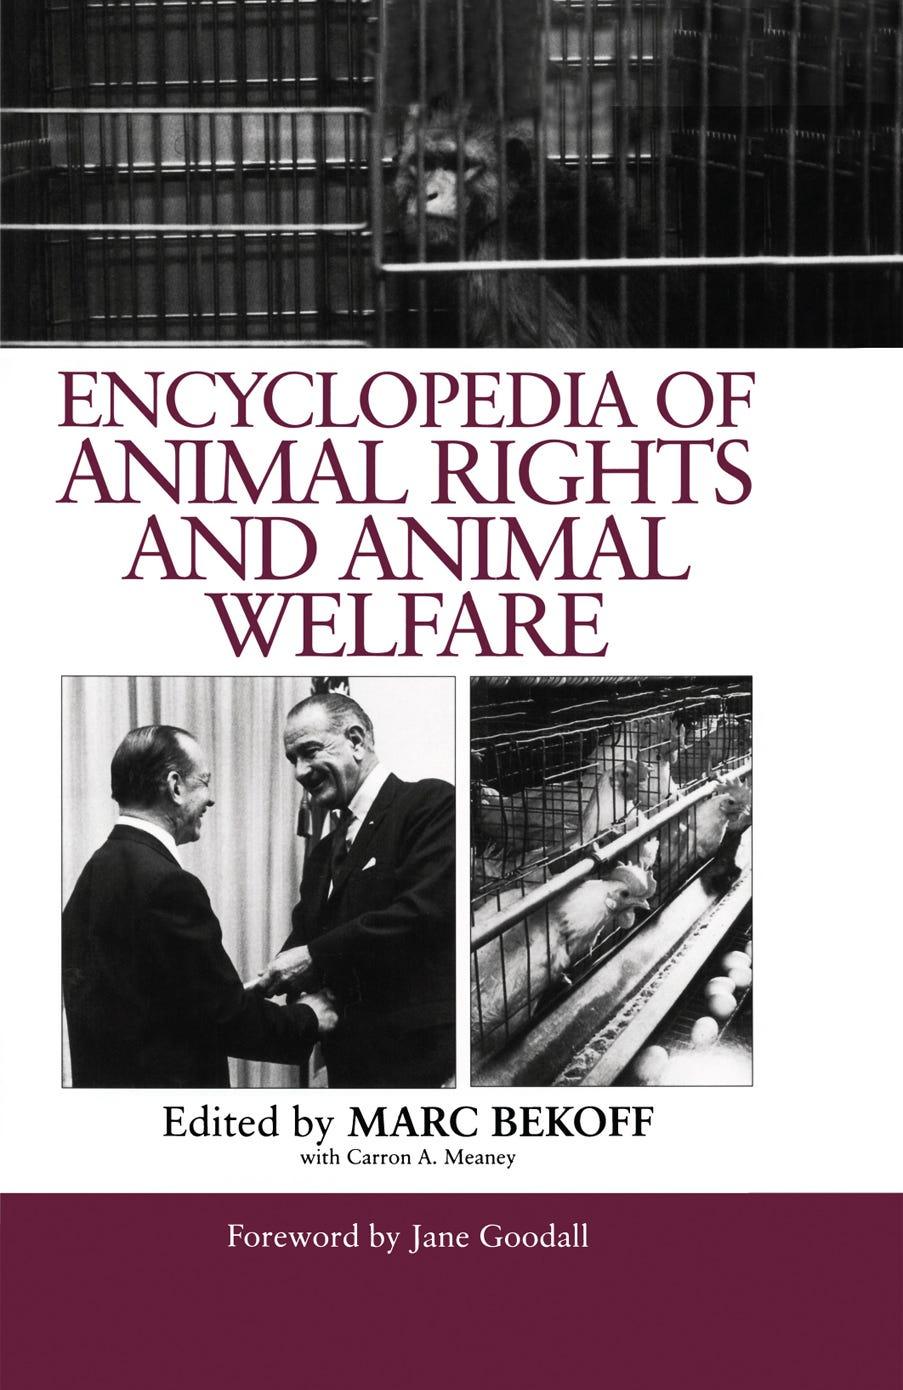 《動物權與動物福利小百科》書籍簡介 - Isism - Medium